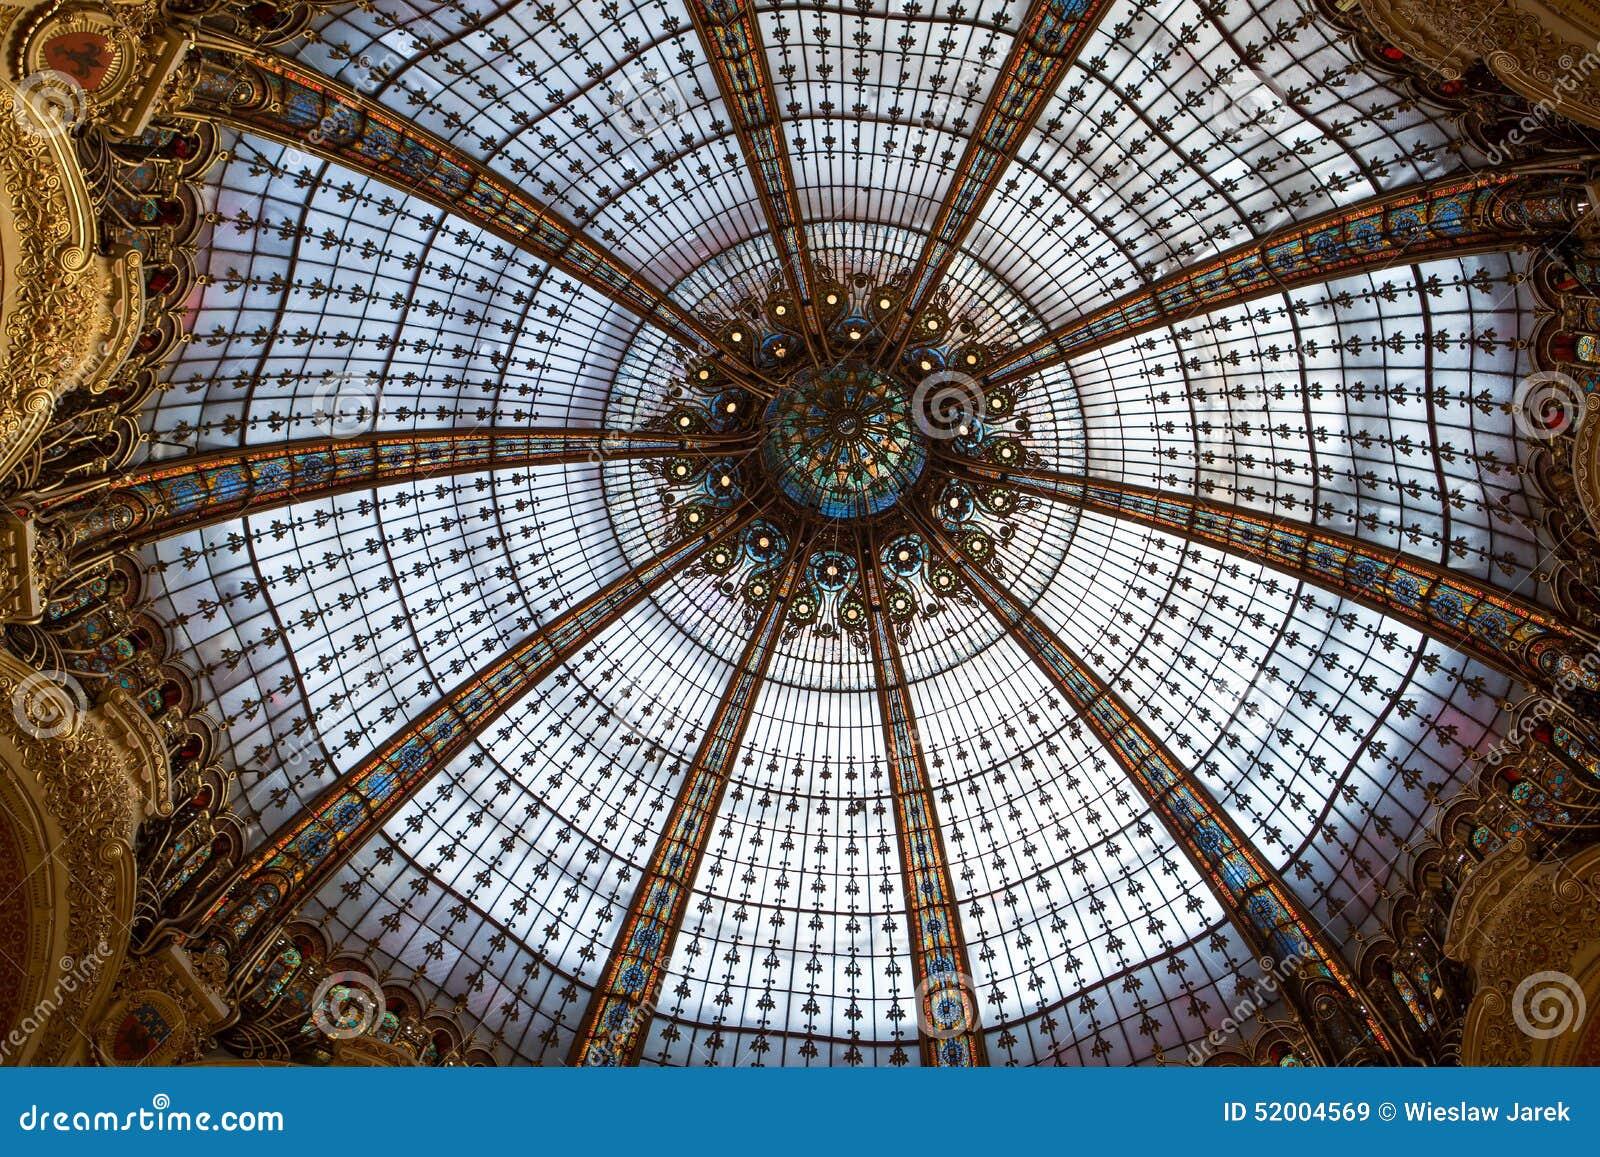 Galeries lafayette interior in paris editorial stock image image 52004569 for Interior designers lafayette la